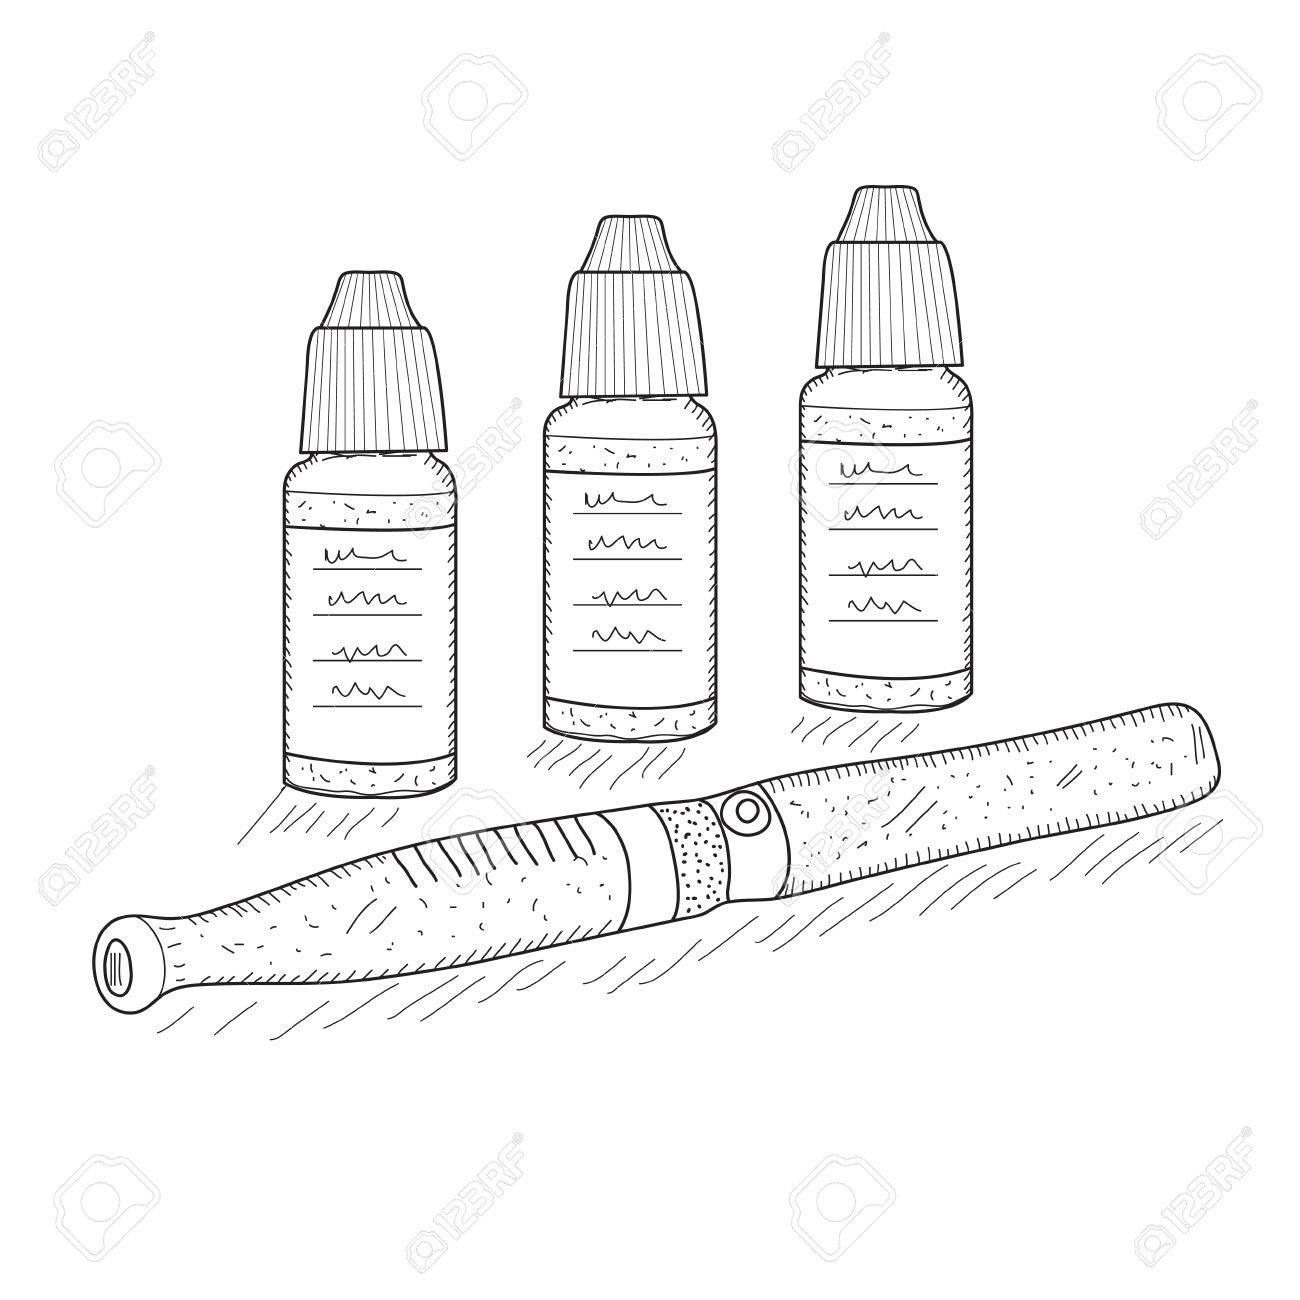 Vettoriale Schizzo Di Sigarette Elettroniche Stile Di Disegno A